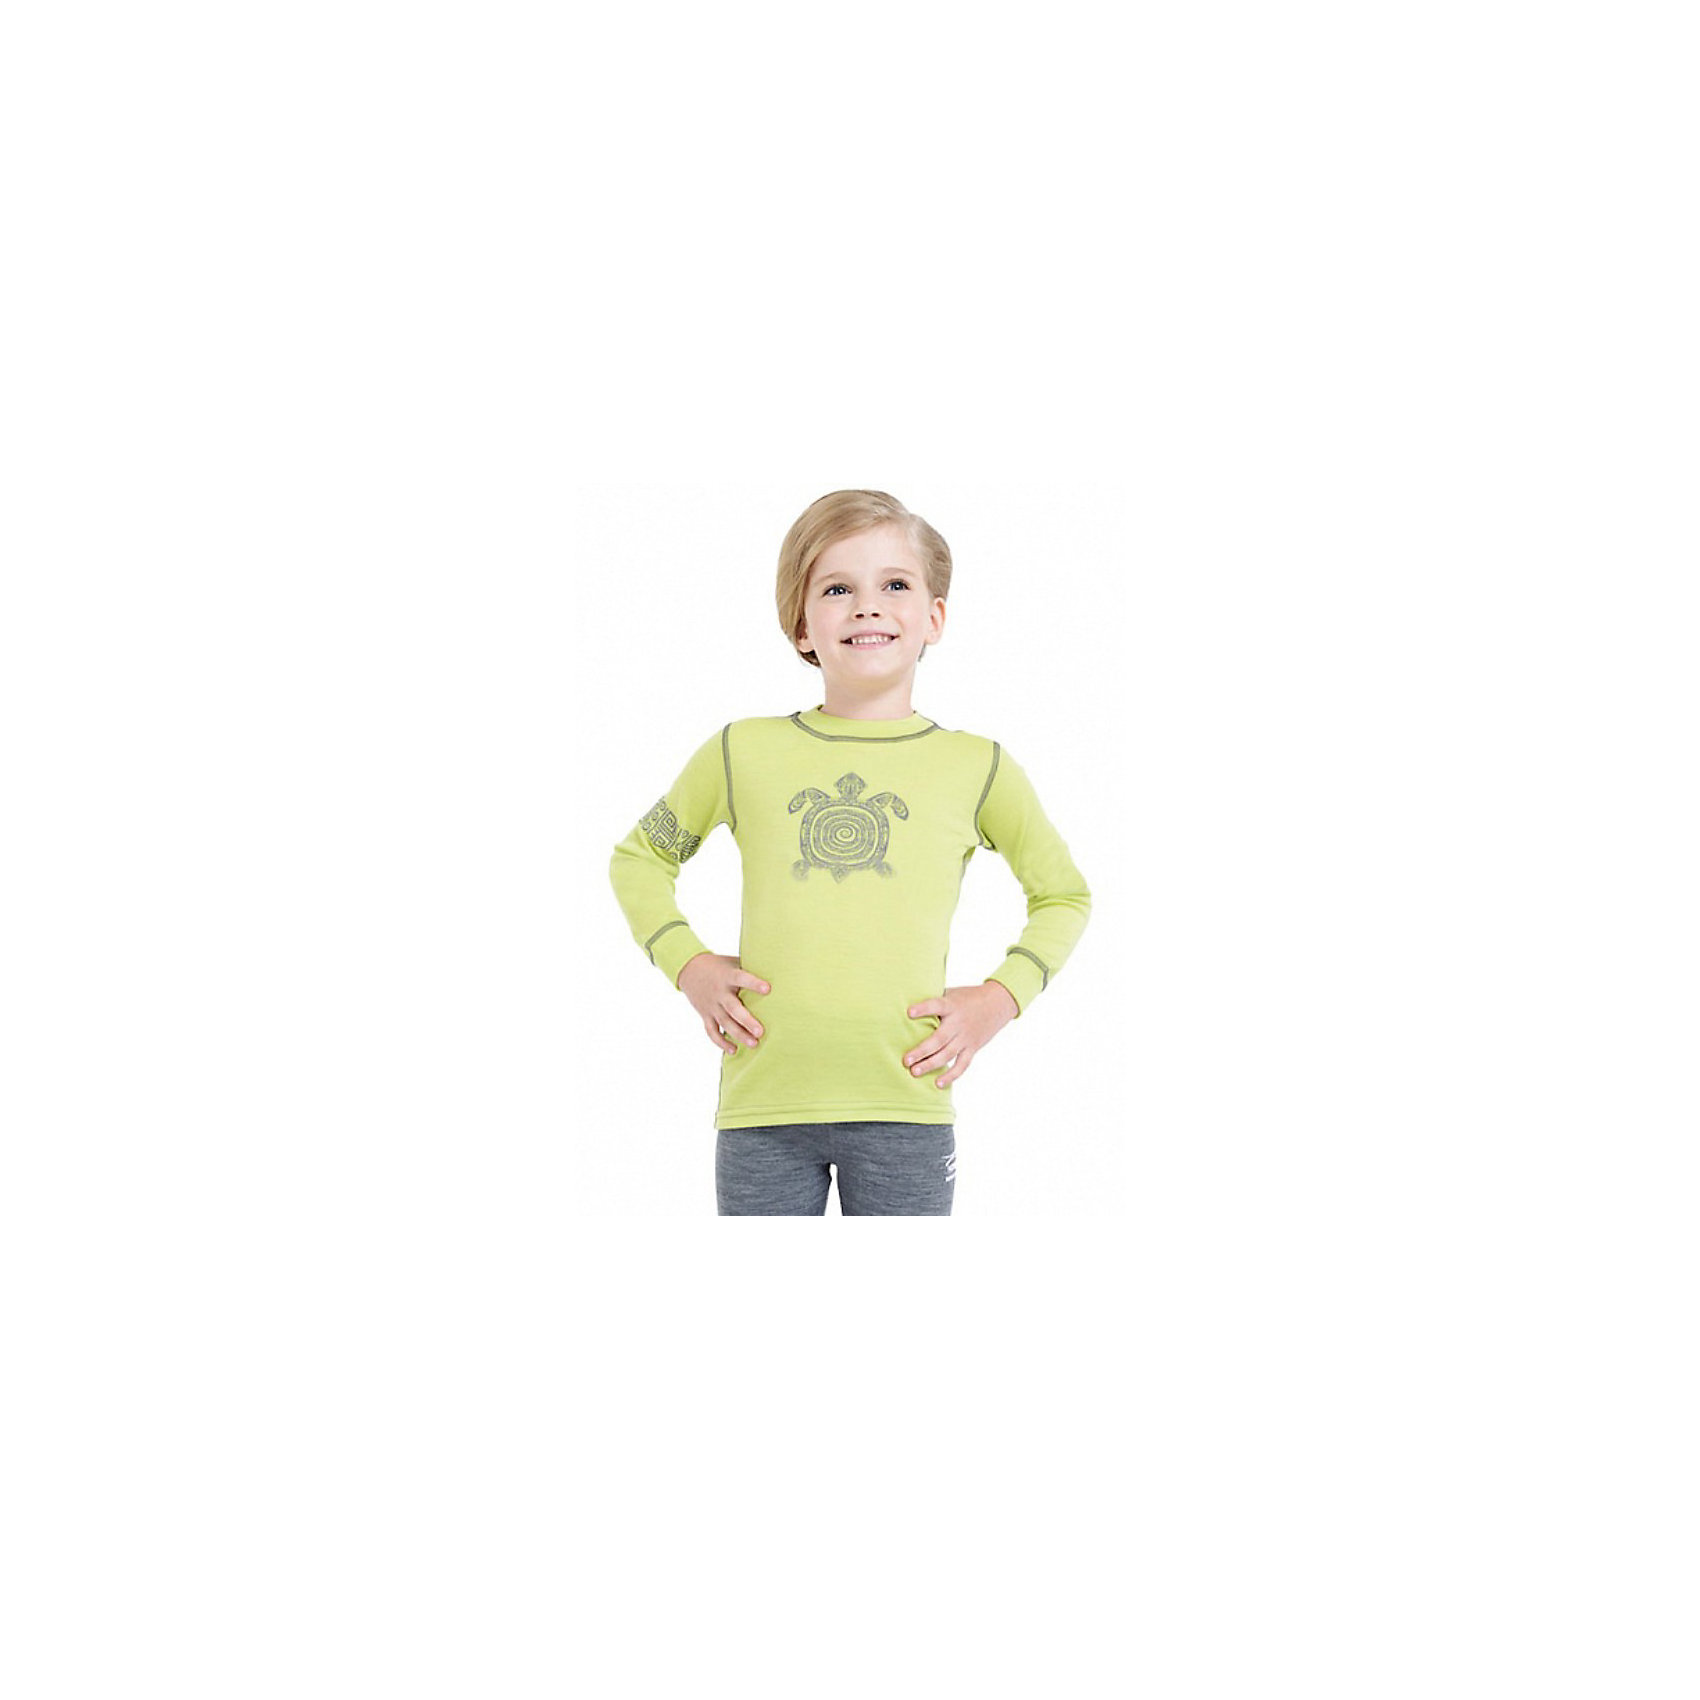 Футболка с длинным рукавом NorvegФутболки с длинным рукавом<br>Футболка с длинным рукавом от известного бренда Norveg<br><br>Термофутболка Norveg Soft от немецкой компании Norveg (Норвег) - это удобная и красивая одежда, которая обеспечит комфортную терморегуляцию тела и на улице, и в помещении. <br>Она сделана из шерсти мериноса (австралийской тонкорунной овцы), очень приятной на ощупь. Такая шерсть обладает гипоаллергенными свойствами, поэтому не вызывает раздражения, даже если надета на голое тело.<br><br>Отличительные особенности модели:<br><br>- цвет: лайм;<br>- декорирована принтом черепаха;<br>- швы плоские, не натирают и не мешают движению;<br>- анатомические резинки;<br>- материал впитывает влагу и сразу выводит наружу;<br>- анатомический крой;<br>- подходит и мальчикам, и девочкам;<br>- не мешает под одеждой.<br><br>Дополнительная информация:<br><br>- Температурный режим: от - 20° С  до +20° С.<br><br>- Состав: 100% шерсть мериноса<br><br>Футболку с длинным рукавом Norveg (Норвег) можно купить в нашем магазине.<br><br>Ширина мм: 230<br>Глубина мм: 40<br>Высота мм: 220<br>Вес г: 250<br>Цвет: зеленый<br>Возраст от месяцев: 3<br>Возраст до месяцев: 6<br>Пол: Женский<br>Возраст: Детский<br>Размер: 68/74,116/122,128/134,104/110,92/98,80/86<br>SKU: 3895032